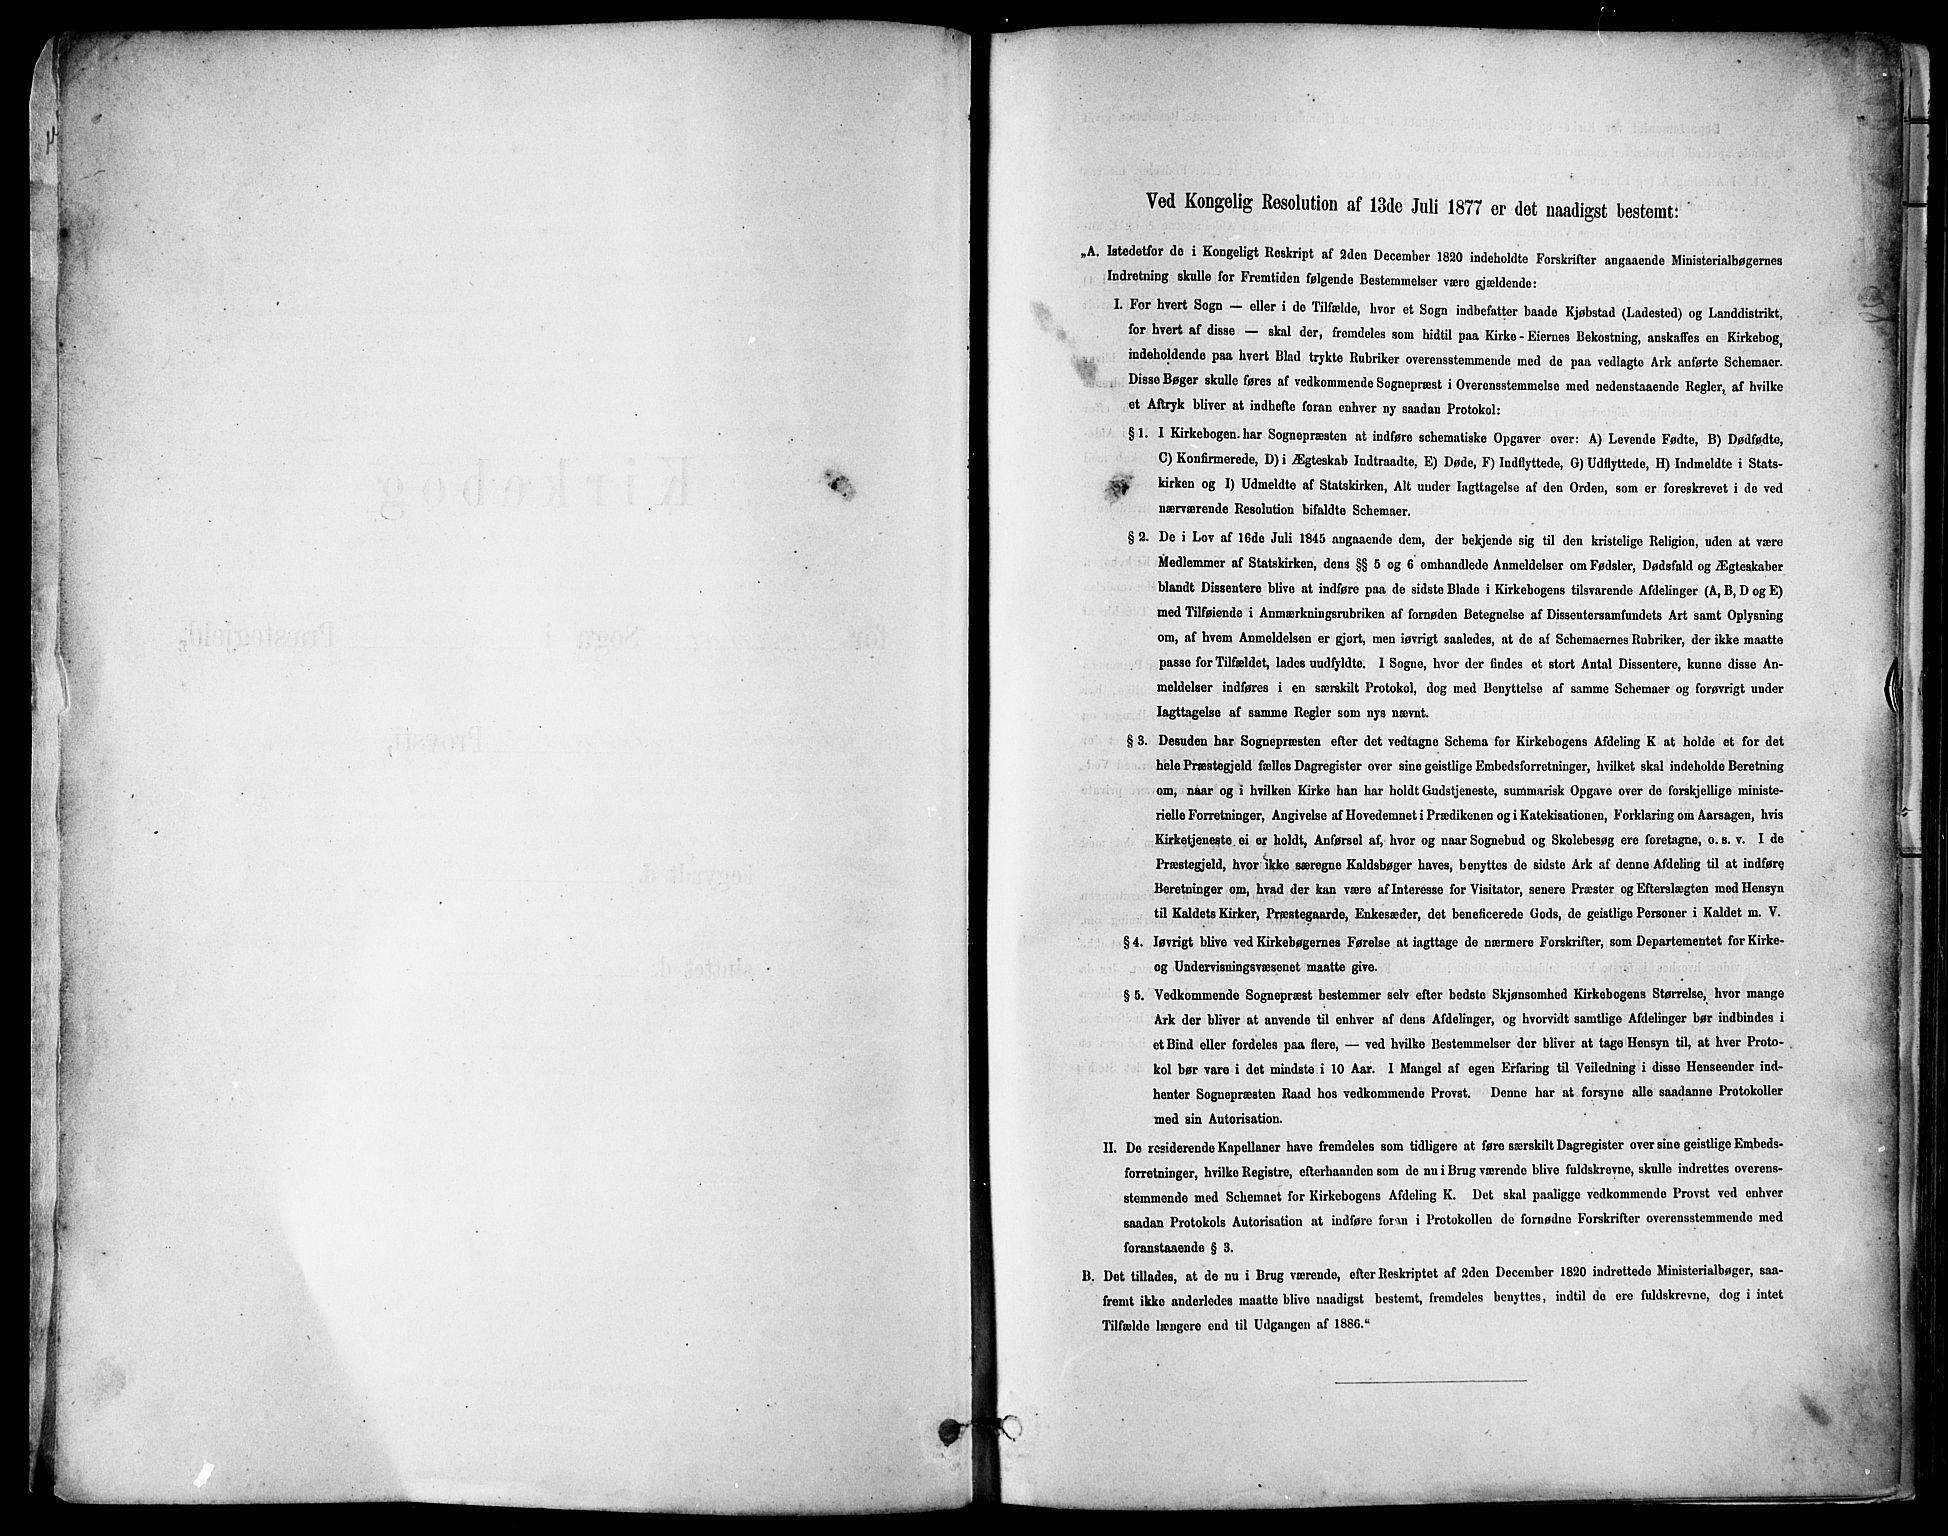 SAT, Ministerialprotokoller, klokkerbøker og fødselsregistre - Sør-Trøndelag, 678/L0901: Ministerialbok nr. 678A10, 1881-1894